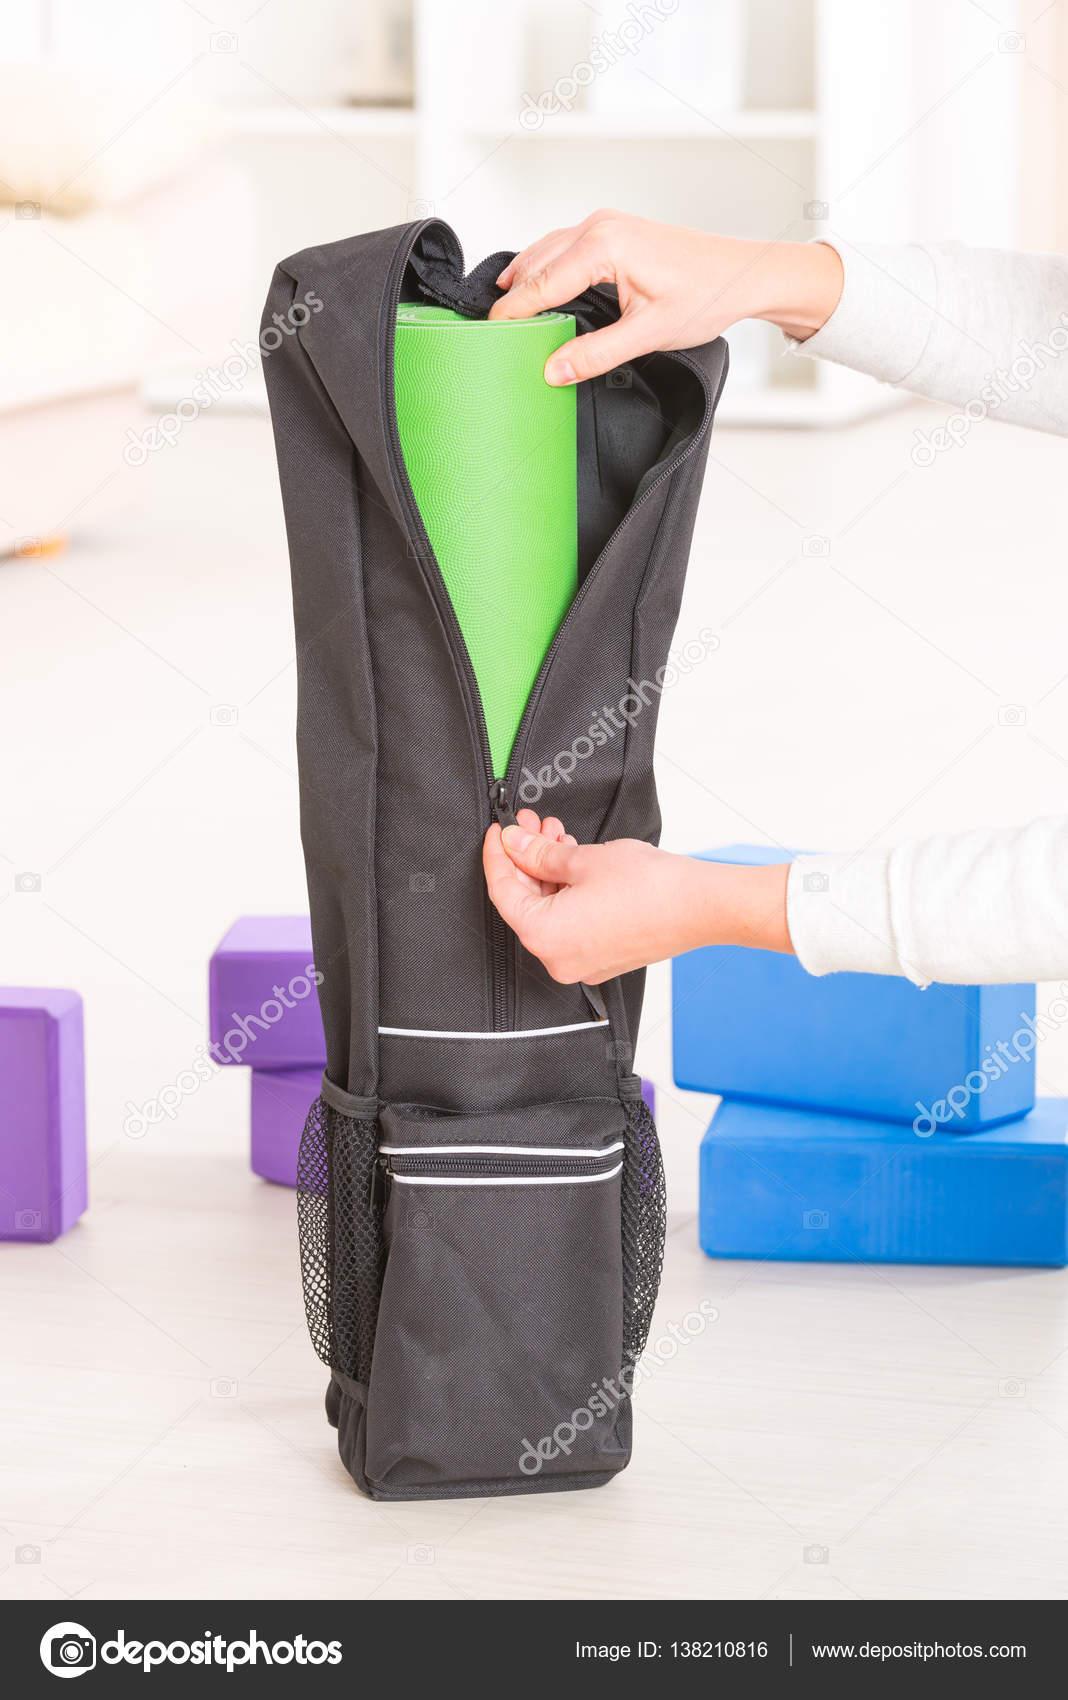 a2280da8daf11 Wewnątrz torby specjalne jogi maty do jogi — Zdjęcie stockowe ...